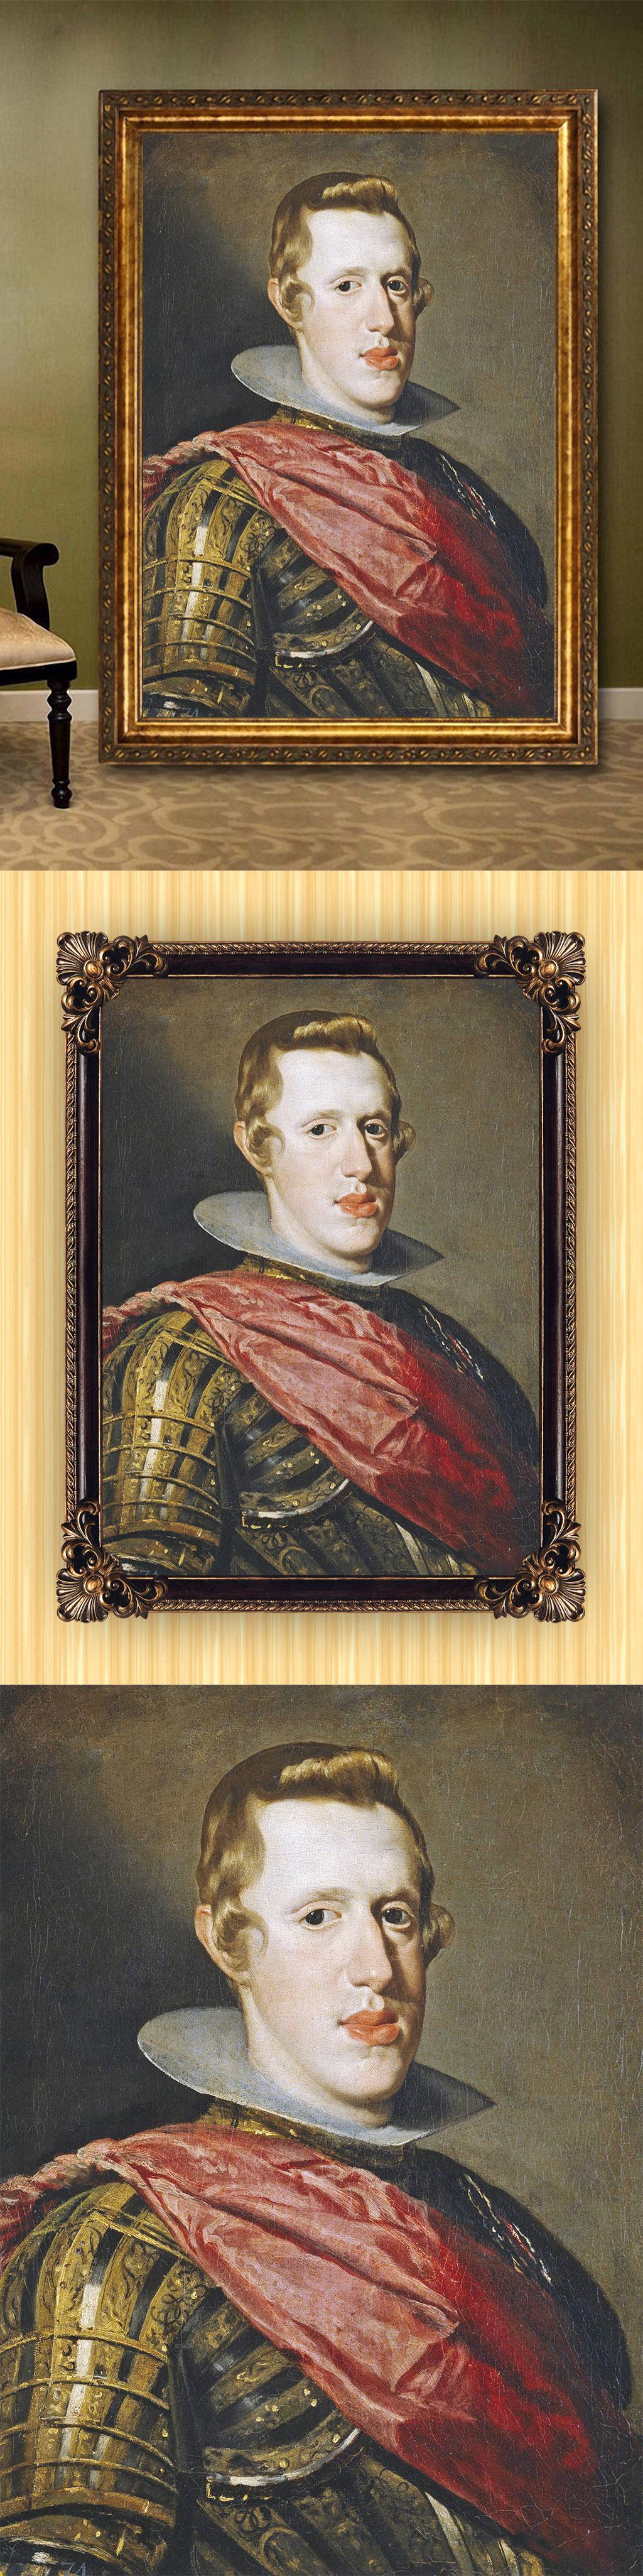 高清手绘欧式古典写实风格绅士肖像油画